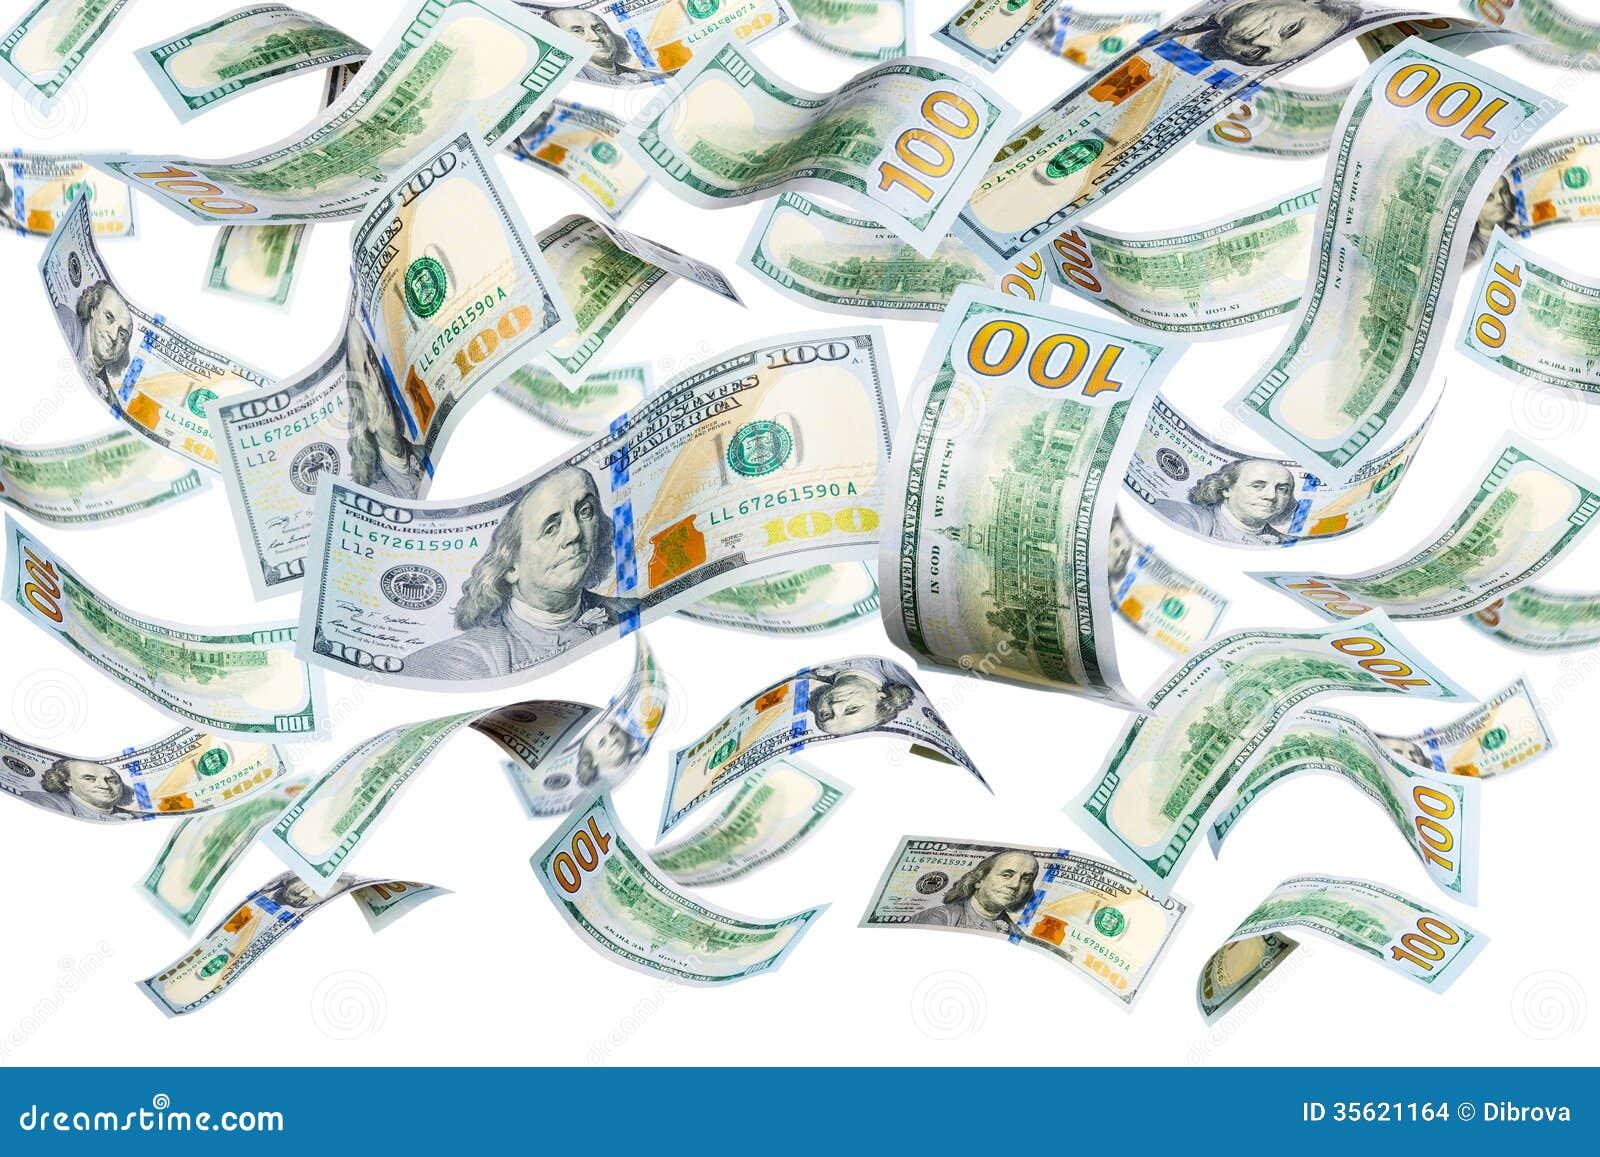 dollar bills falling on - photo #16